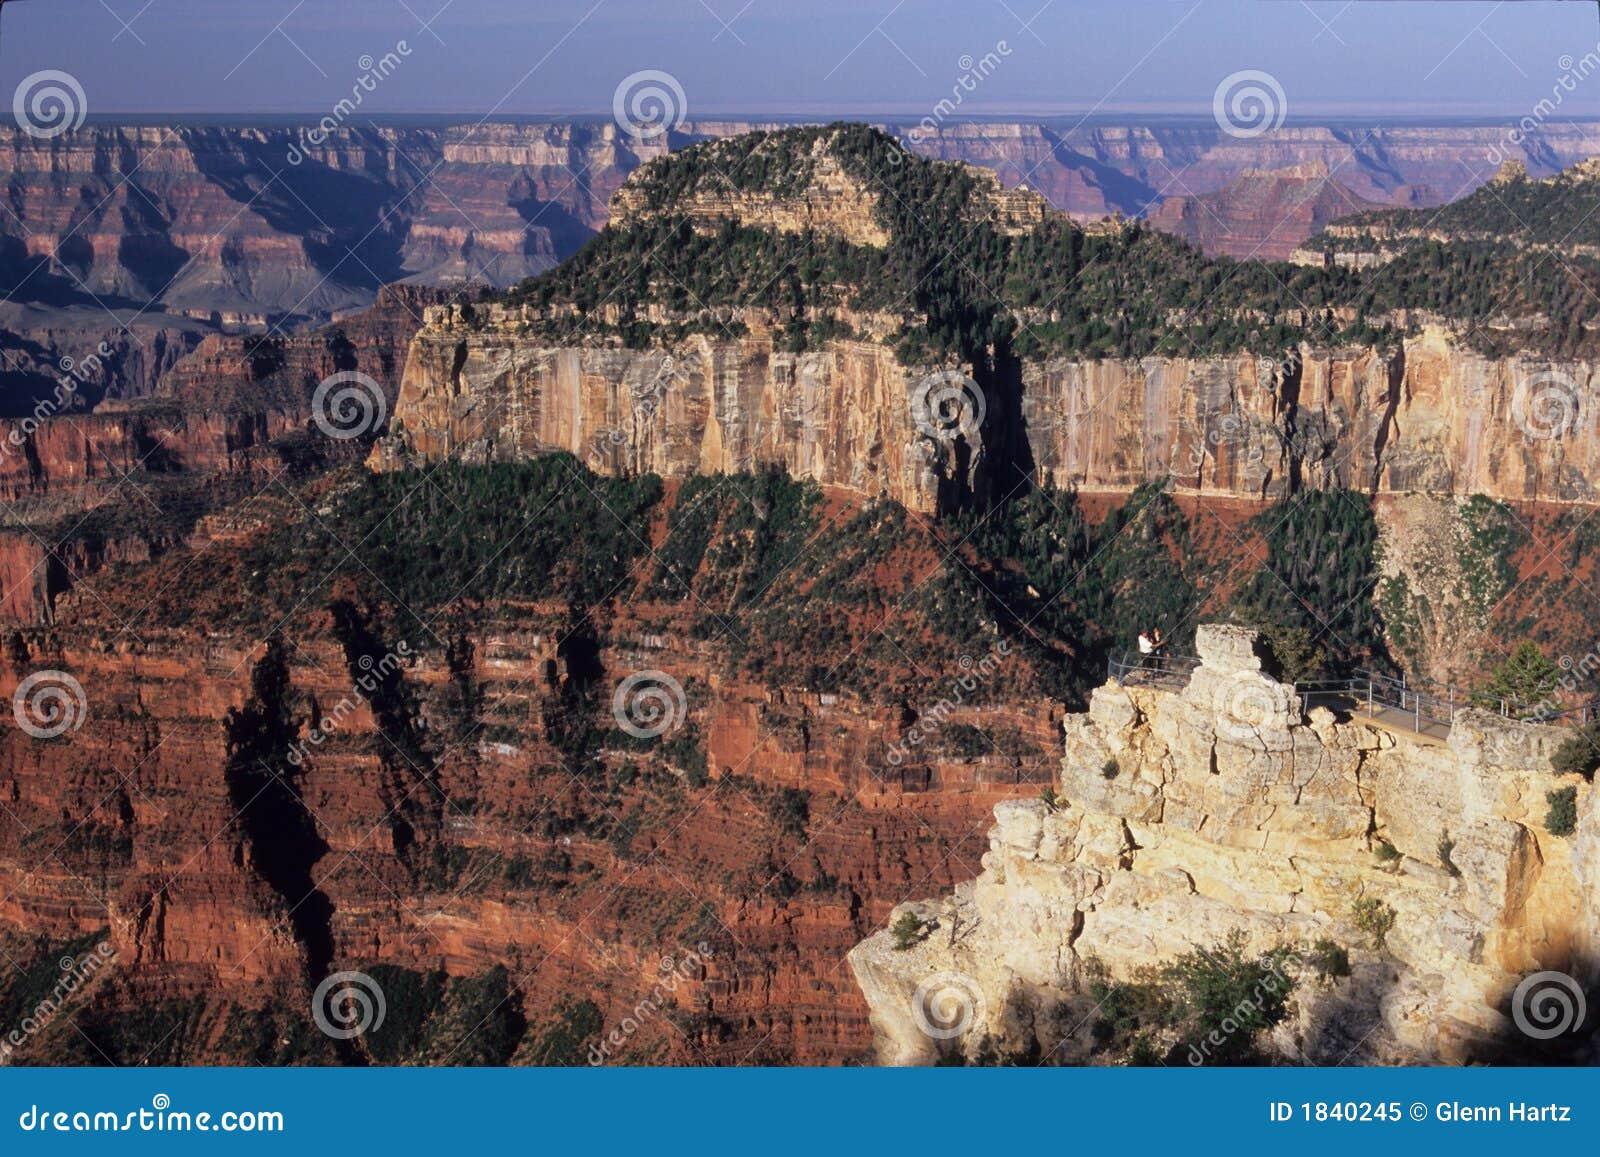 Guests at viewpoint below lodge, north rim of Grand Canyon National Park, Arizona